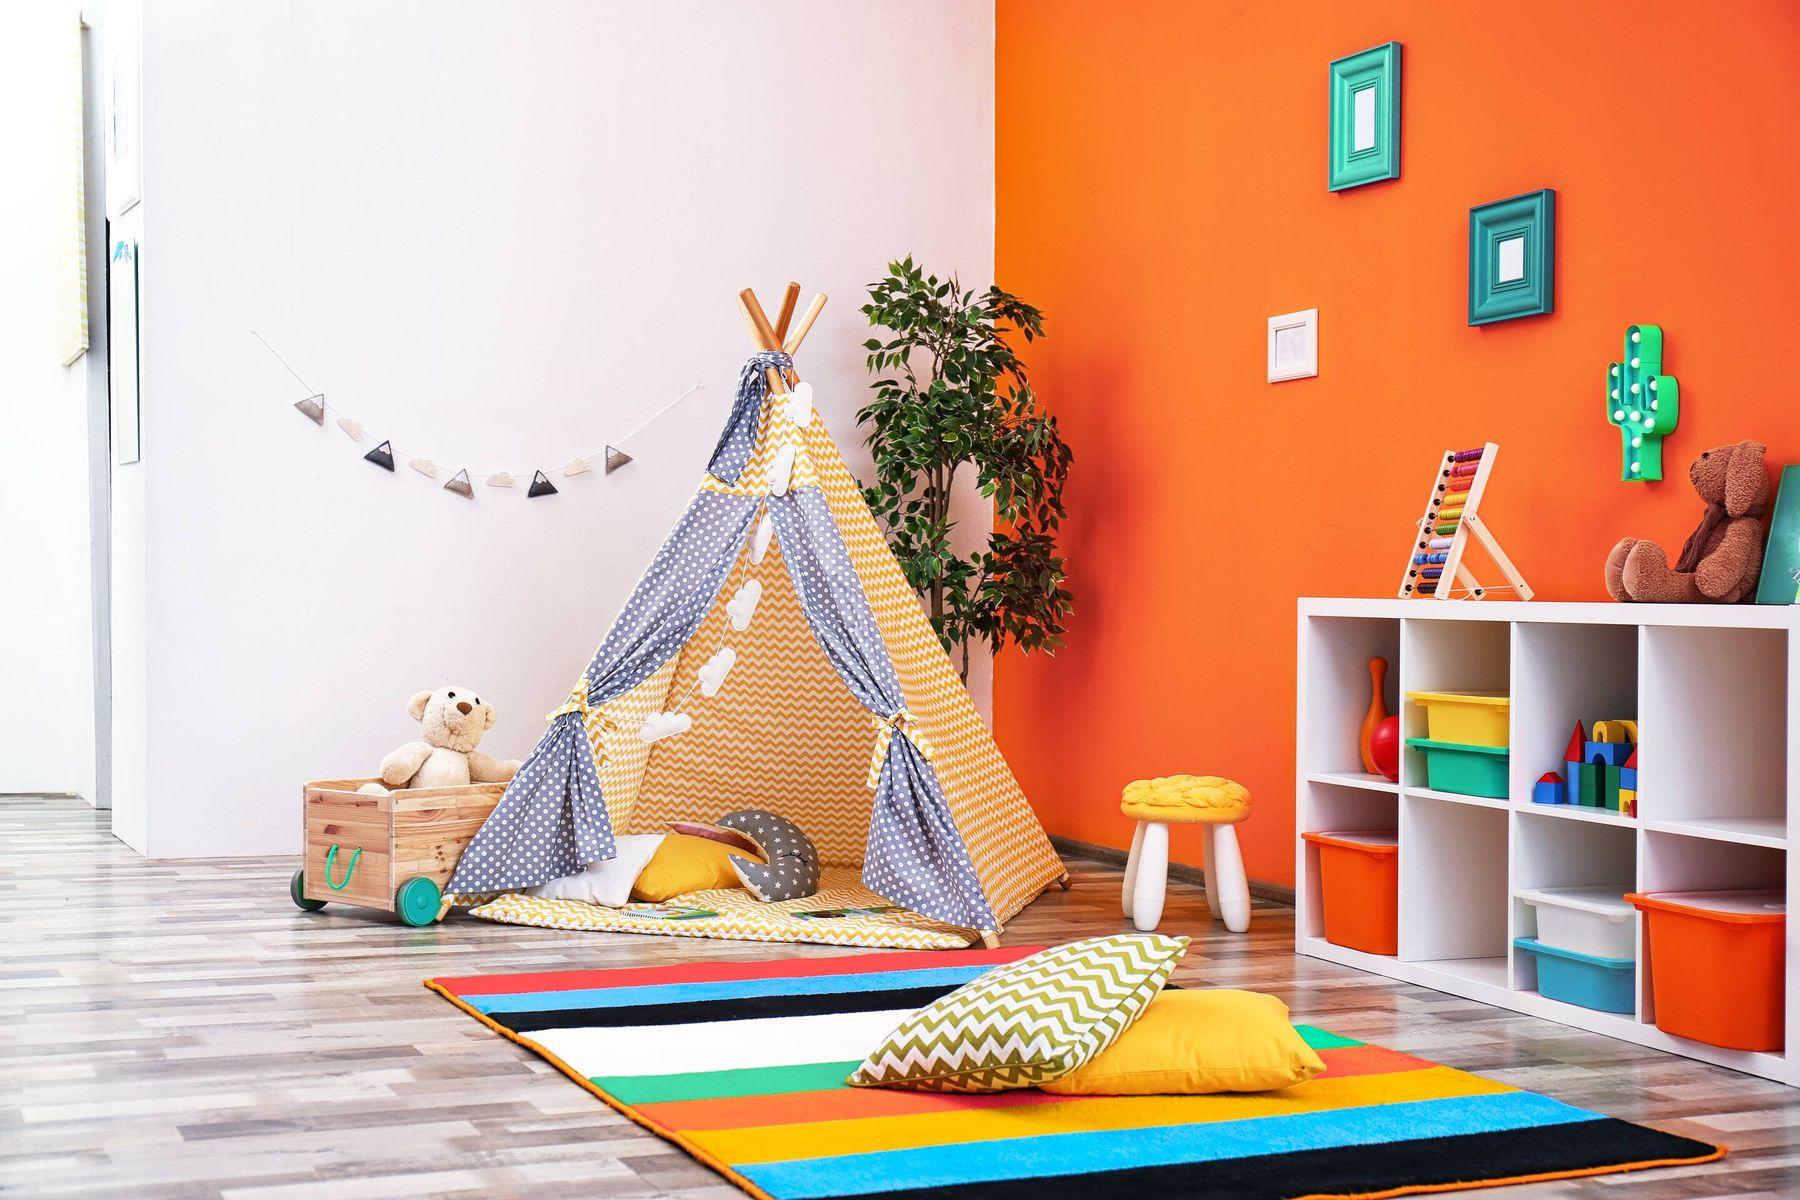 miejsce do zabawy dla dzieci w domu z namiotami i mezolami